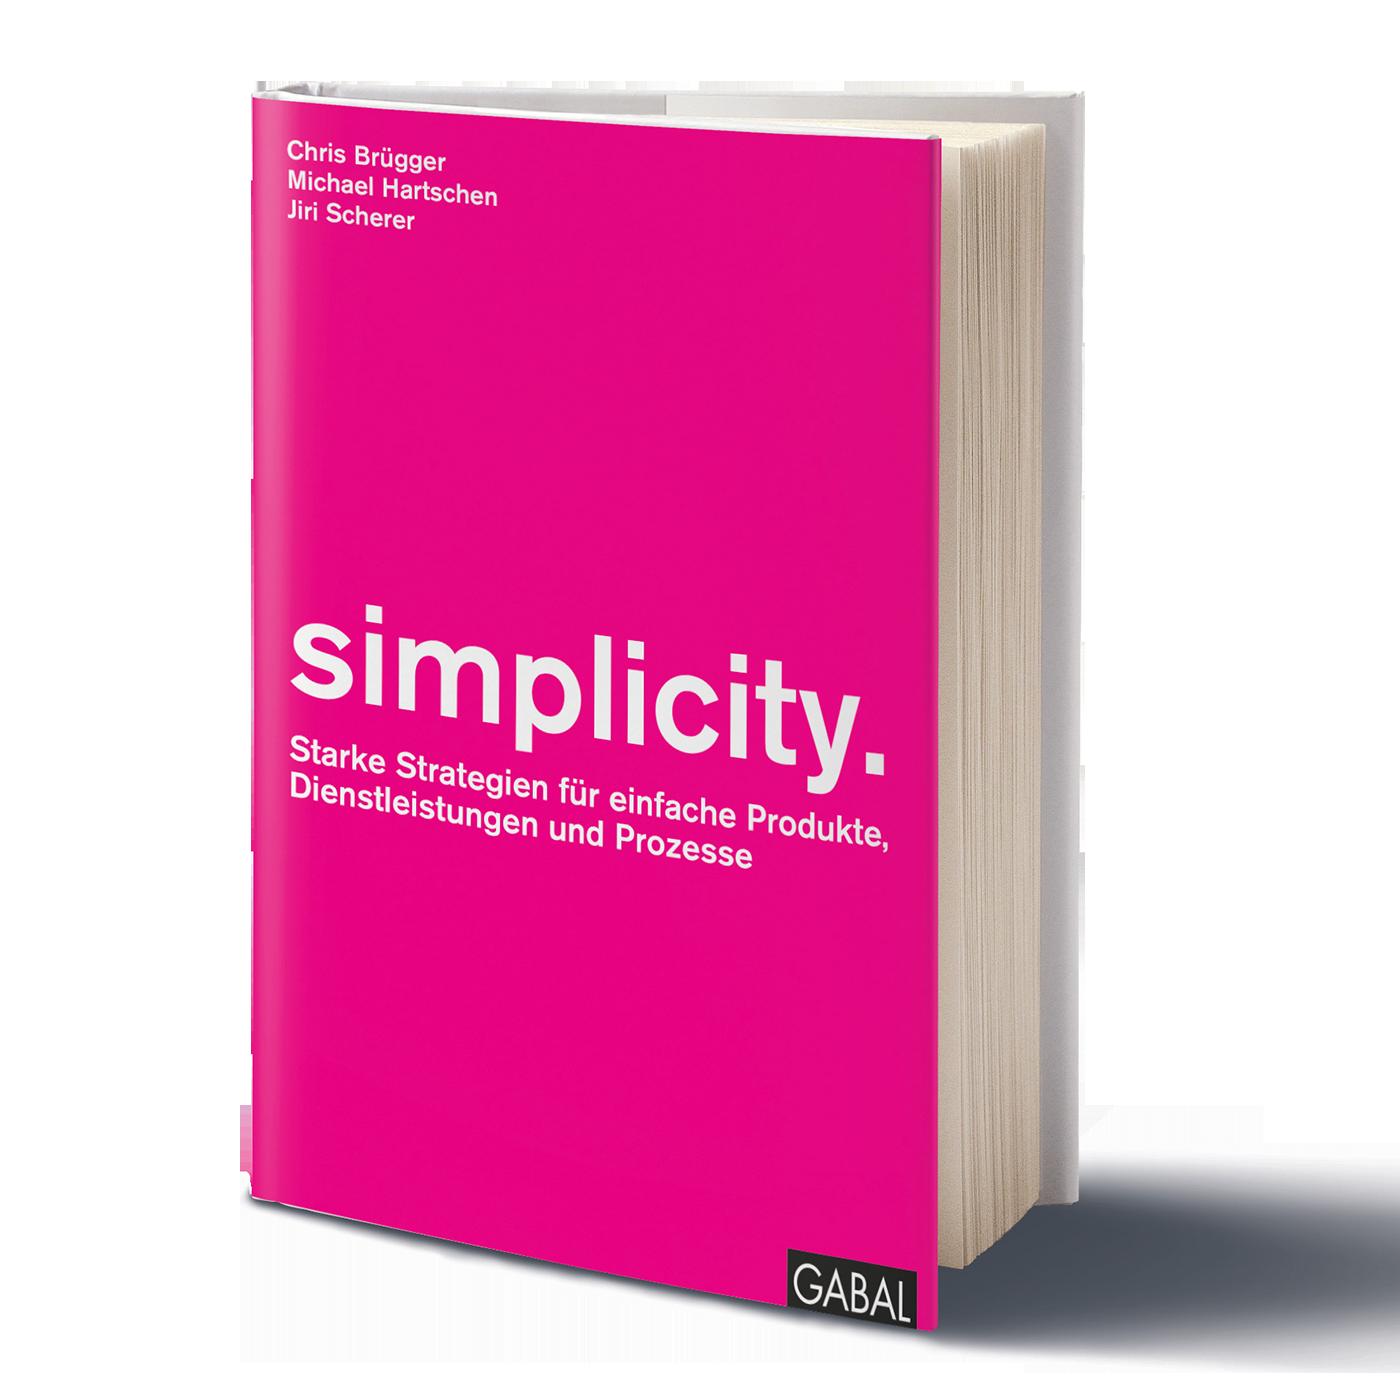 Simplicity Starke Strategien für einfache Produkte, Dienstleistungen und Prozesse, Michael Hartschen